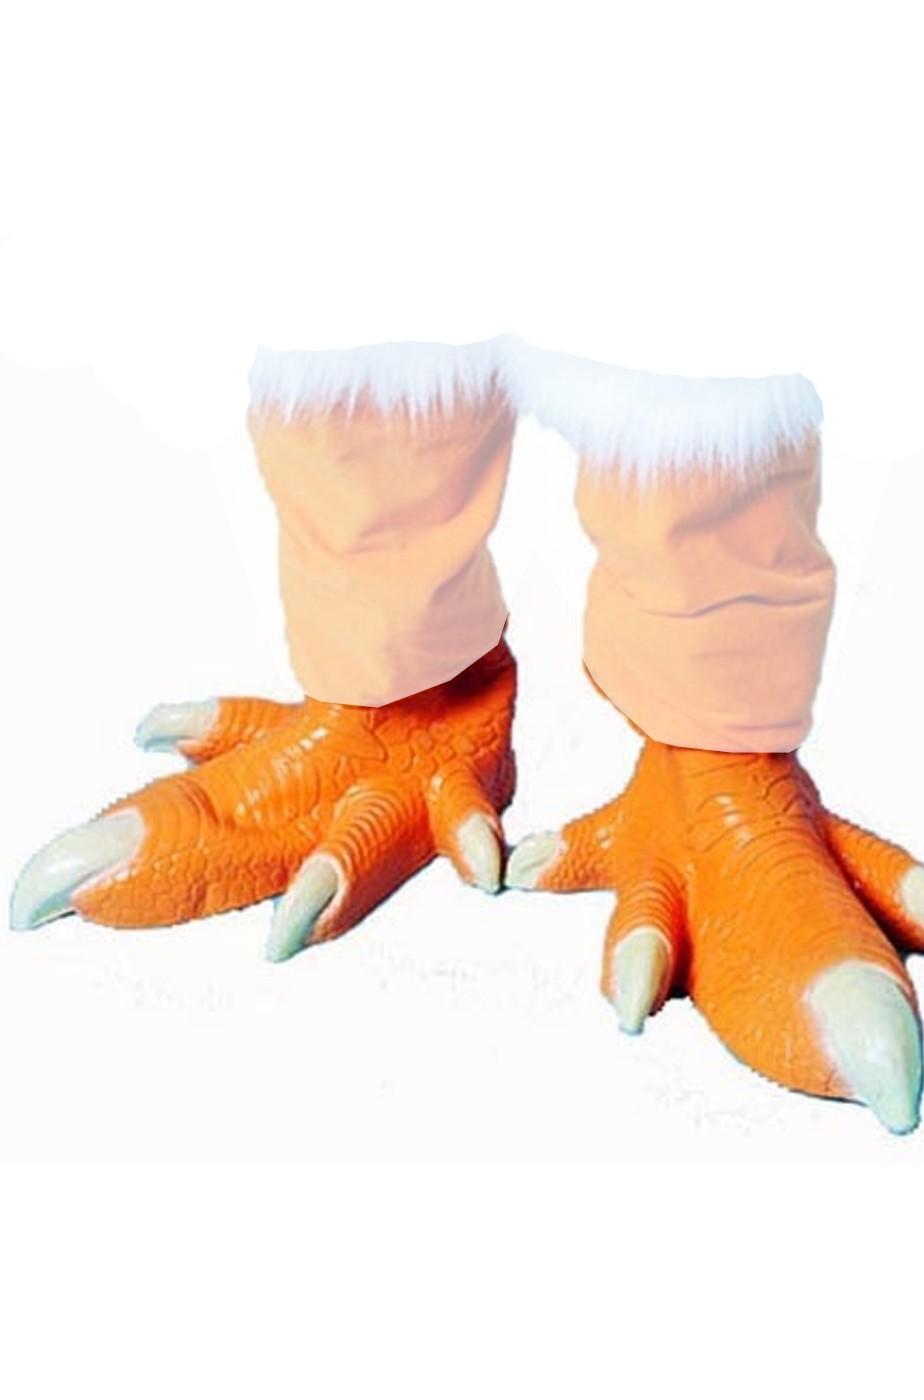 zampe piedi giganti pollo gallina o aquila